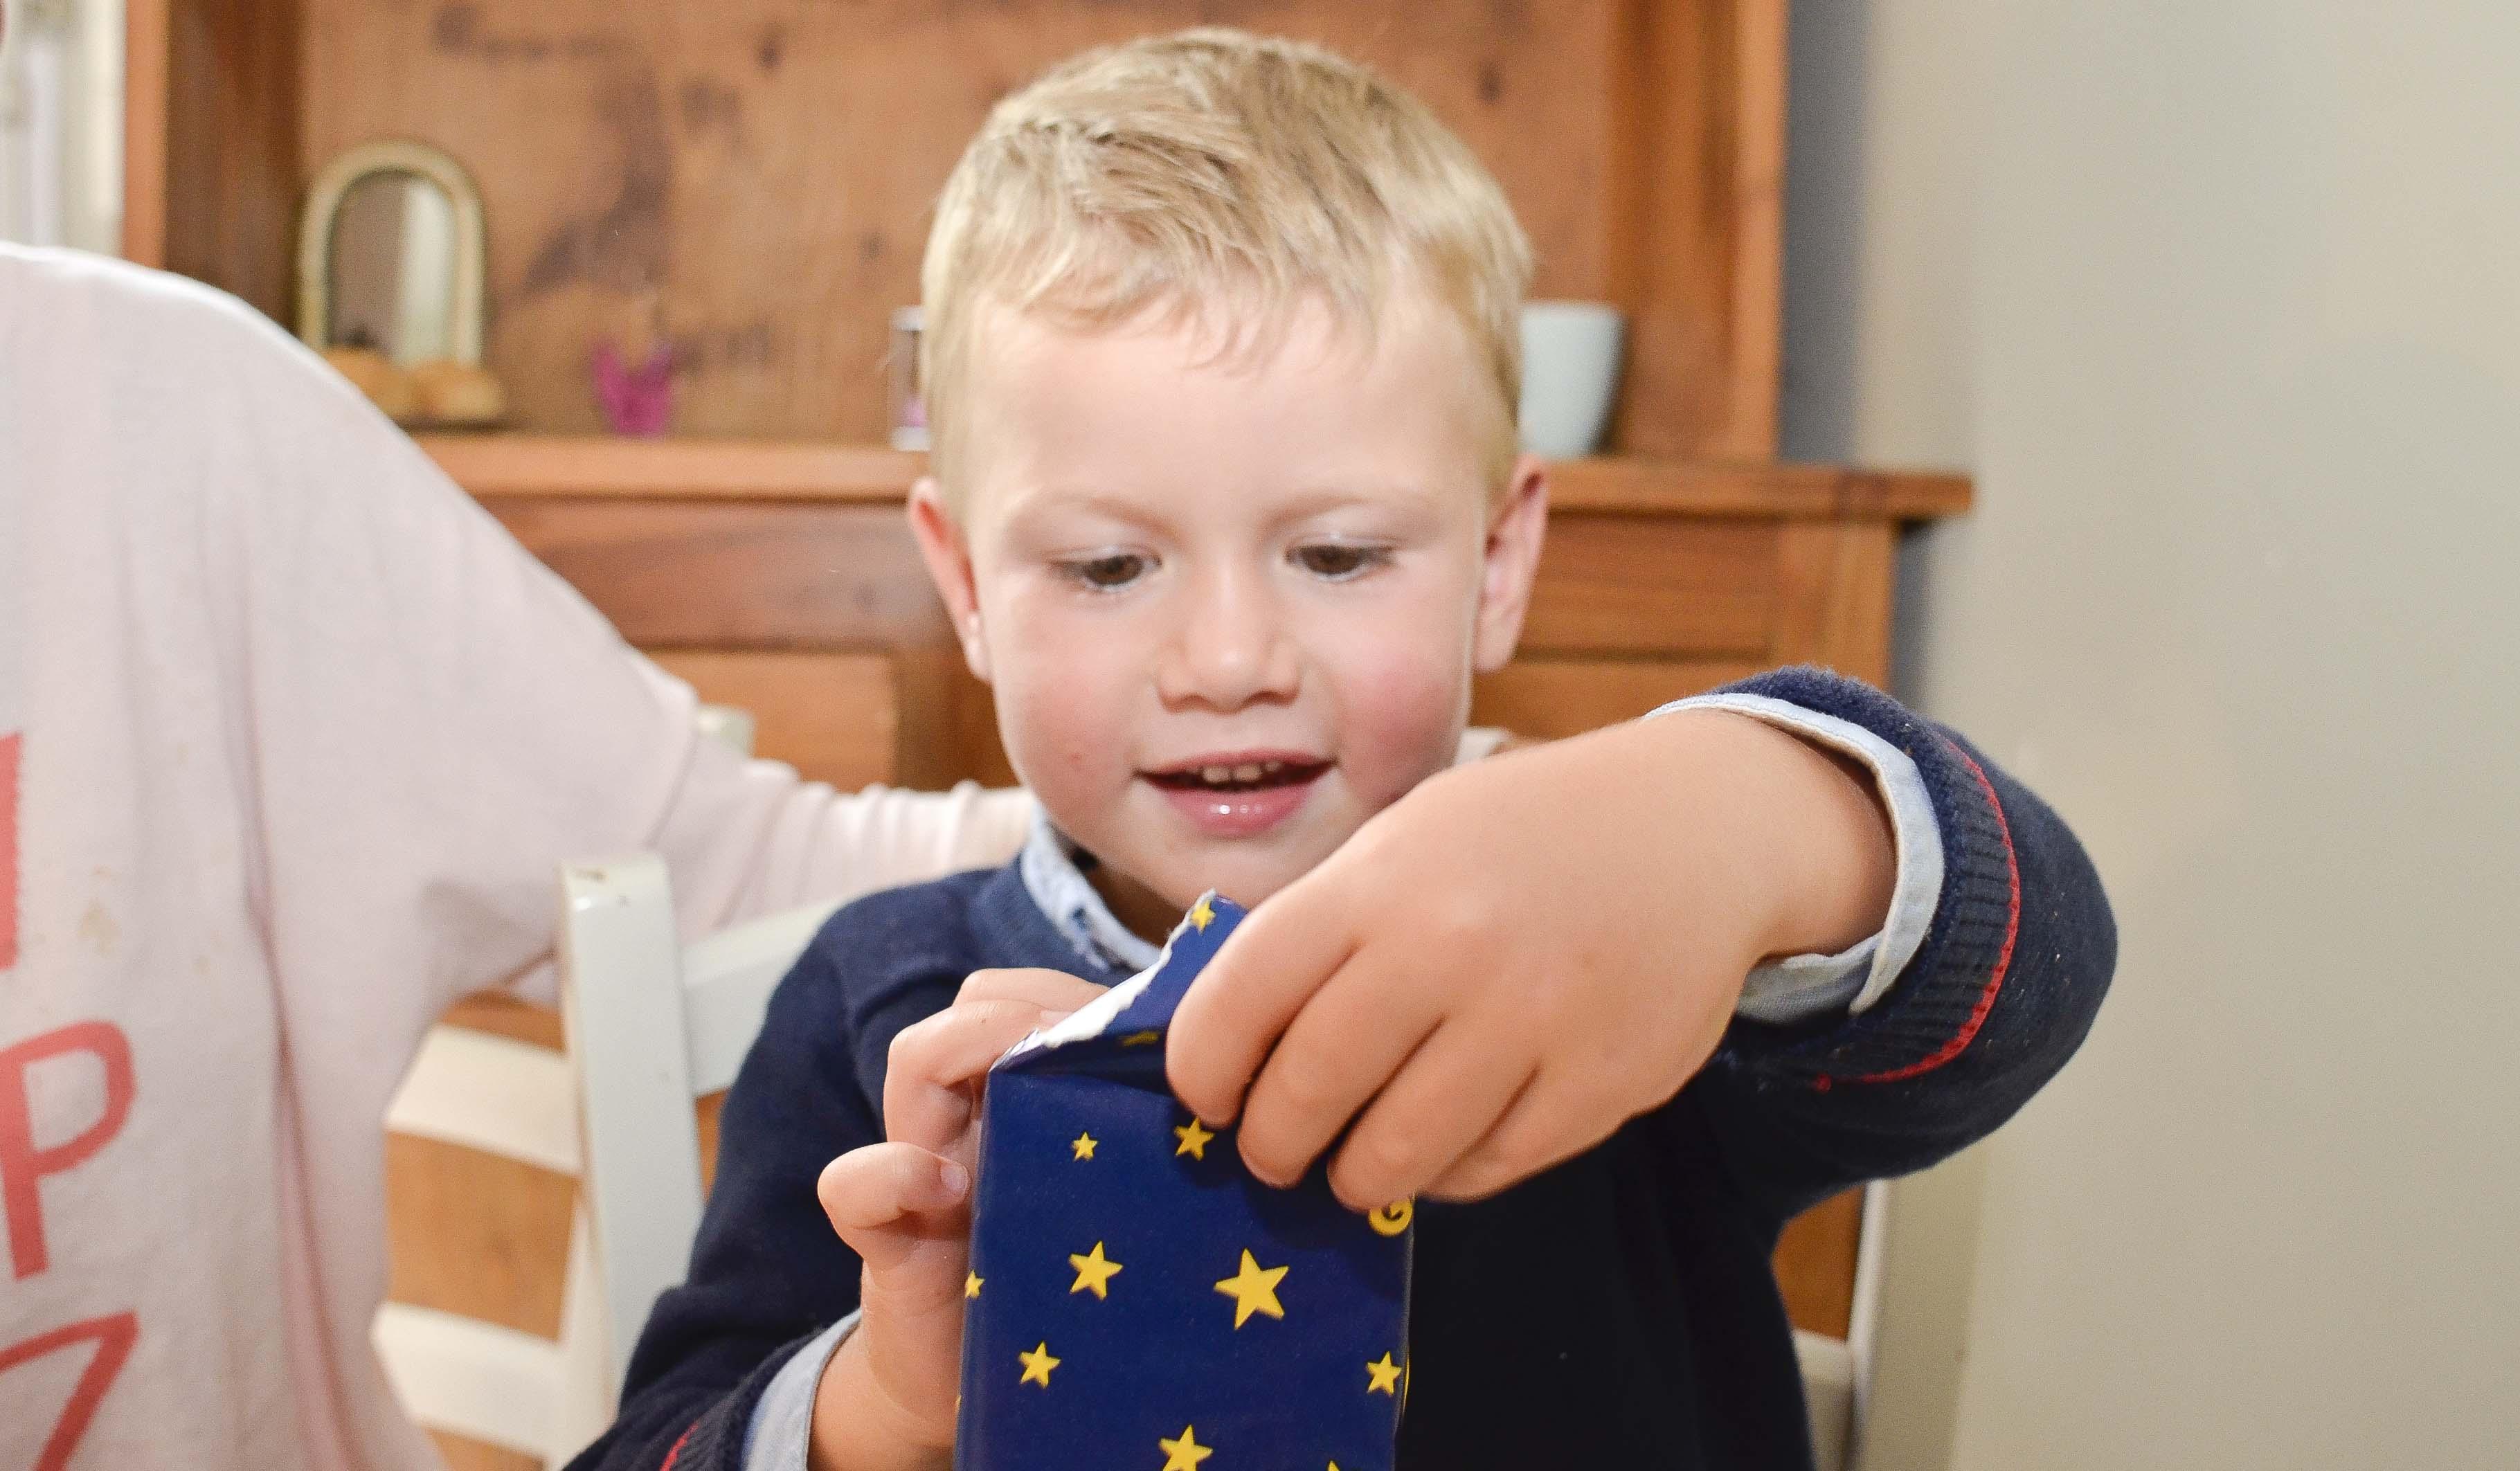 Idées cadeaux pour un enfant de 4 ans. Tous nos bons conseils !